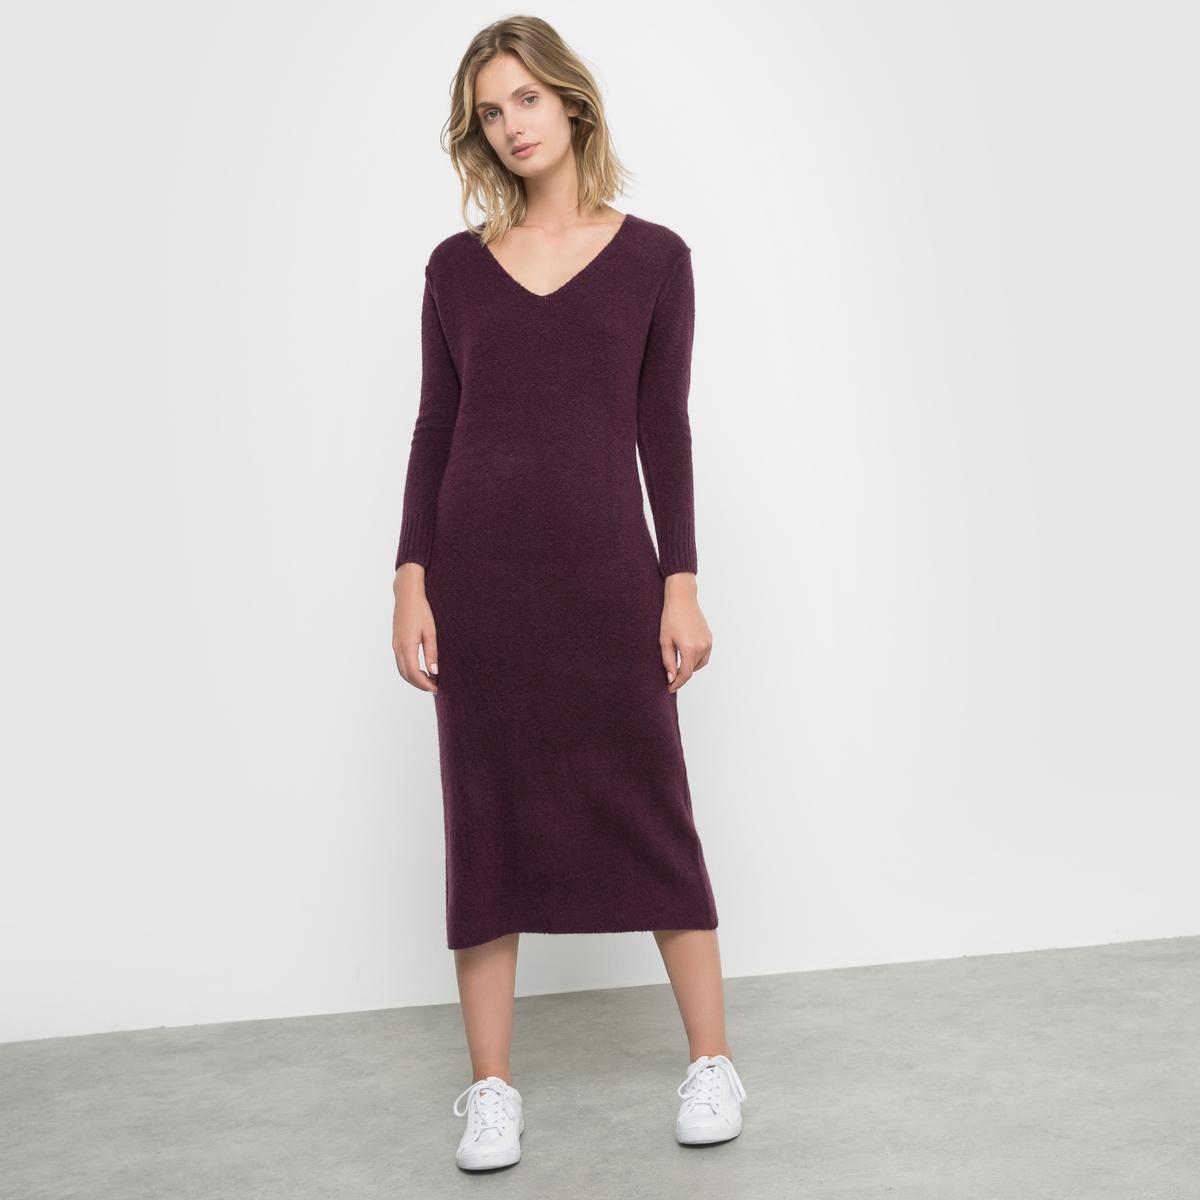 Платье длинное трикотажноеСостав и описание : Материал: 62% акрила, 28% полиамида, 8% шерсти, 2% эластана.Длина: 115 смМарка: R studioУход :Машинная стирка при 30°C на деликатном режиме.Машинная сушка запрещена Не отбеливатьСухая (химическая) чистка запрещена<br><br>Цвет: серый меланж,темно-фиолетовый<br>Размер: 42/44 (FR) - 48/50 (RUS)